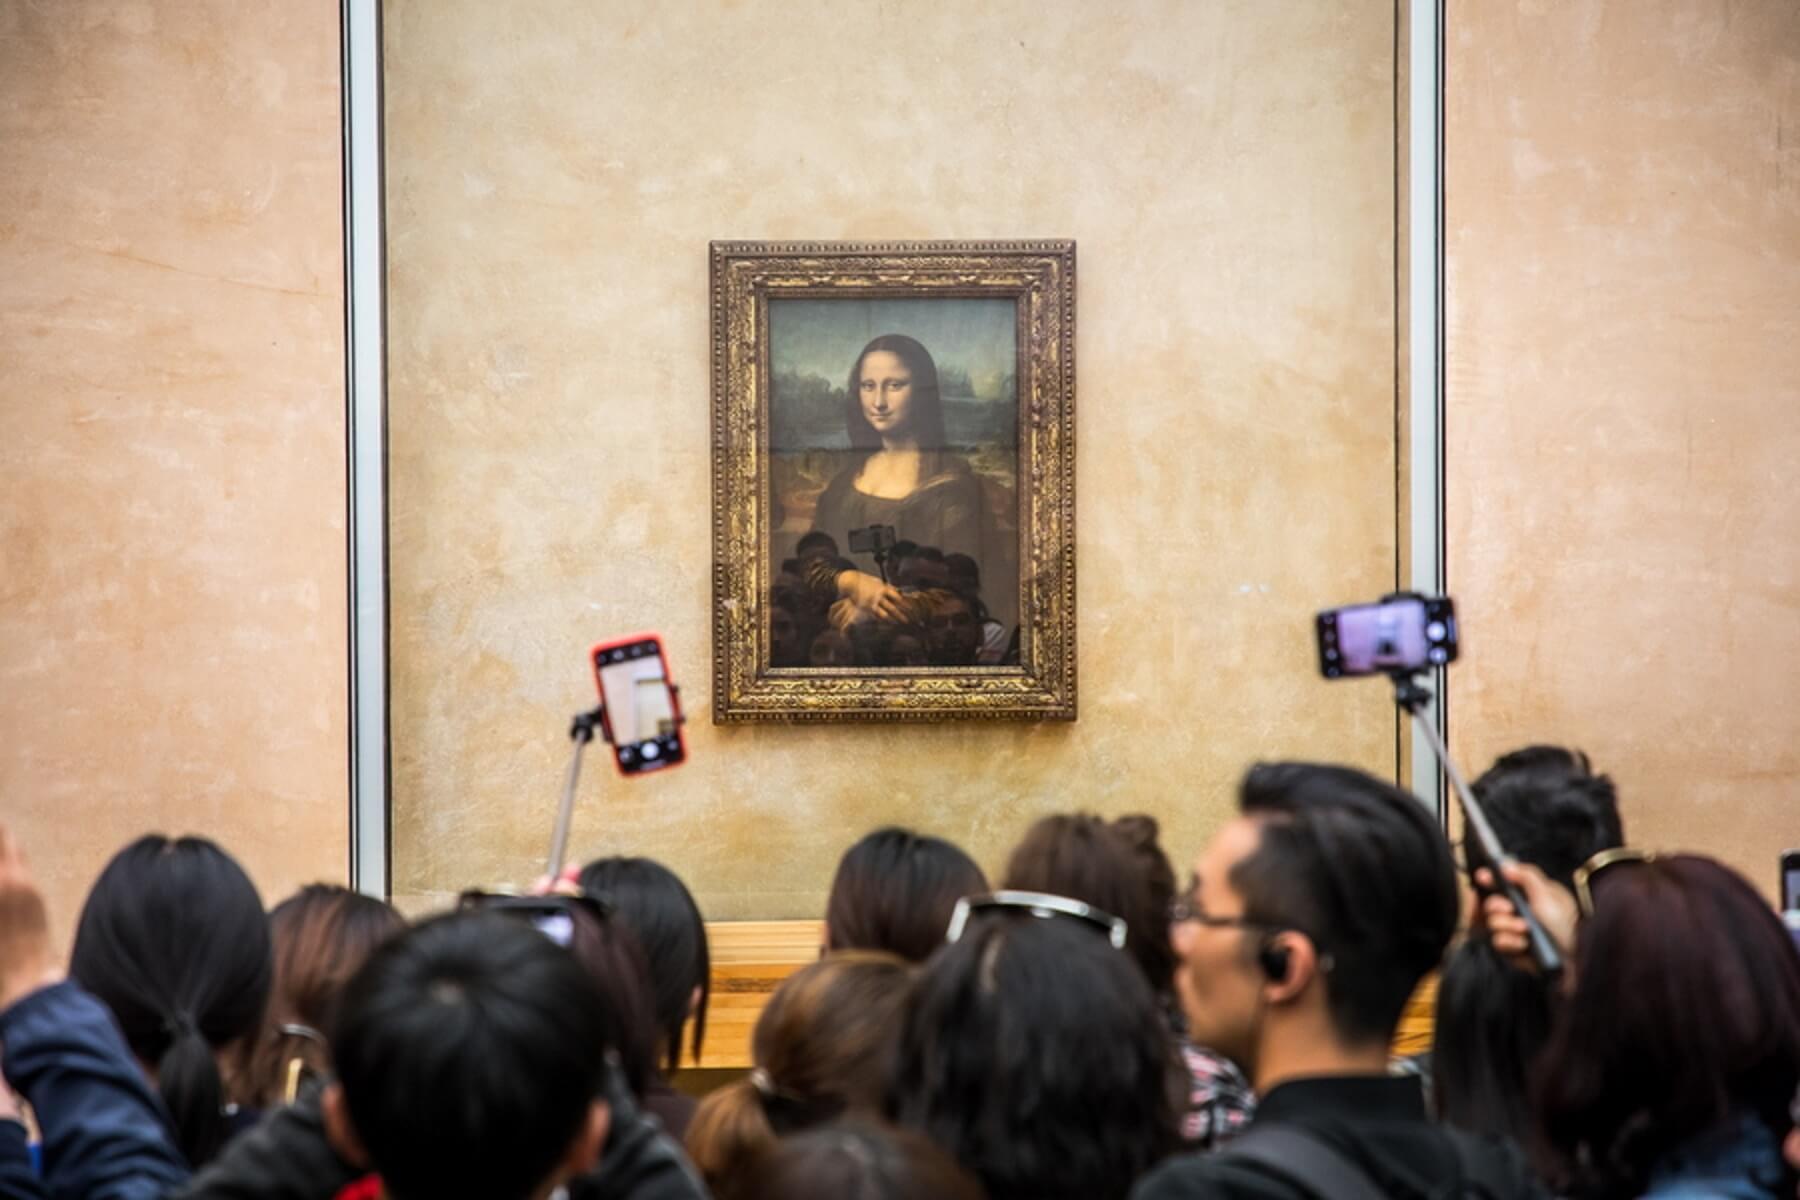 Η Τζοκόντα… μετακομίζει! Που θα πάει ο διάσημος πίνακας του Λούβρου